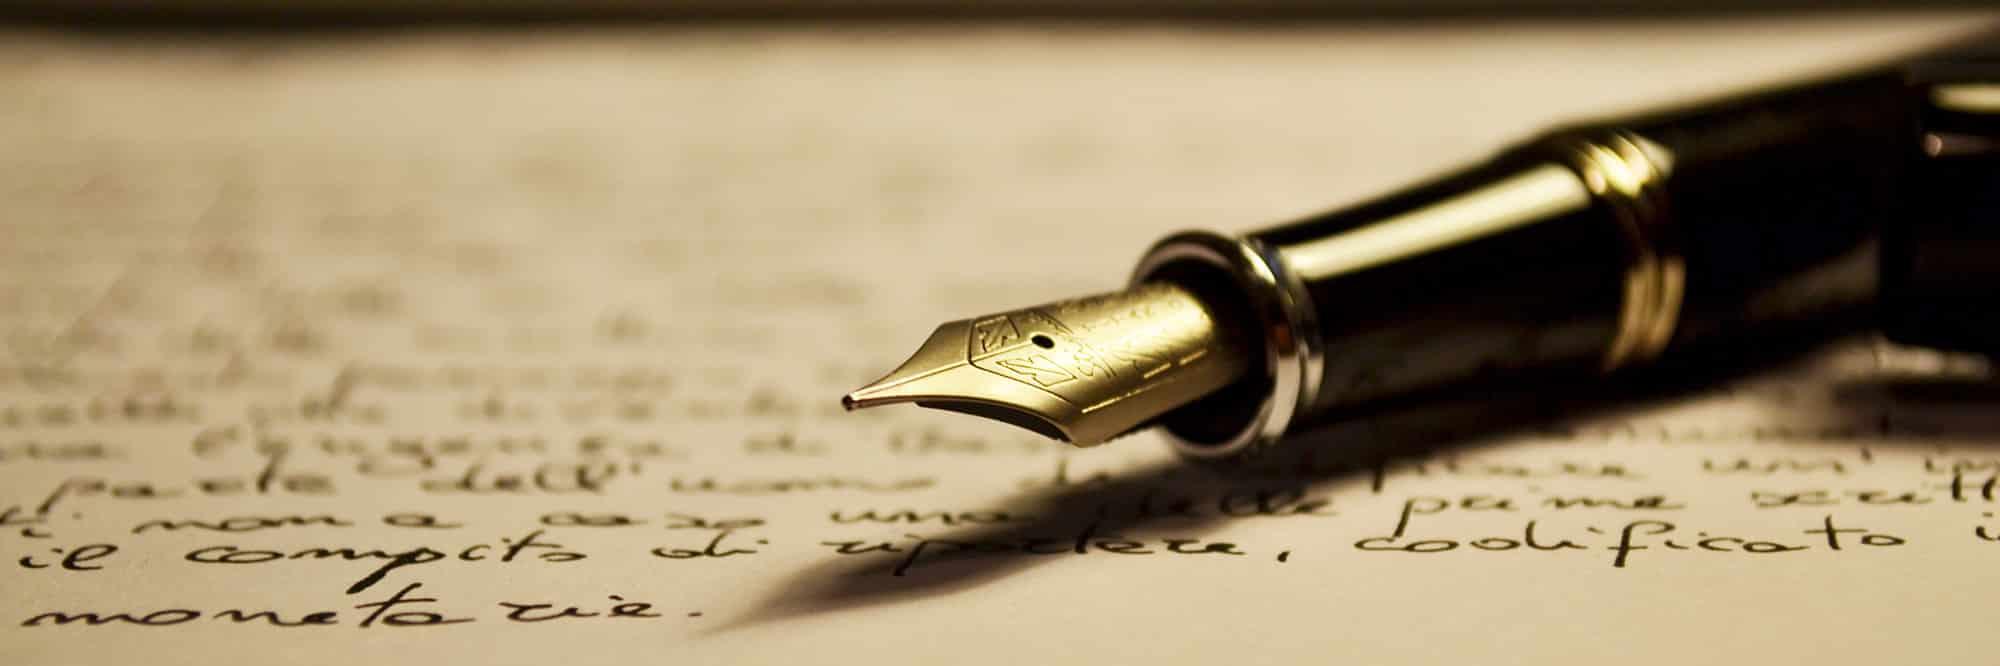 Nog meer schrijven!